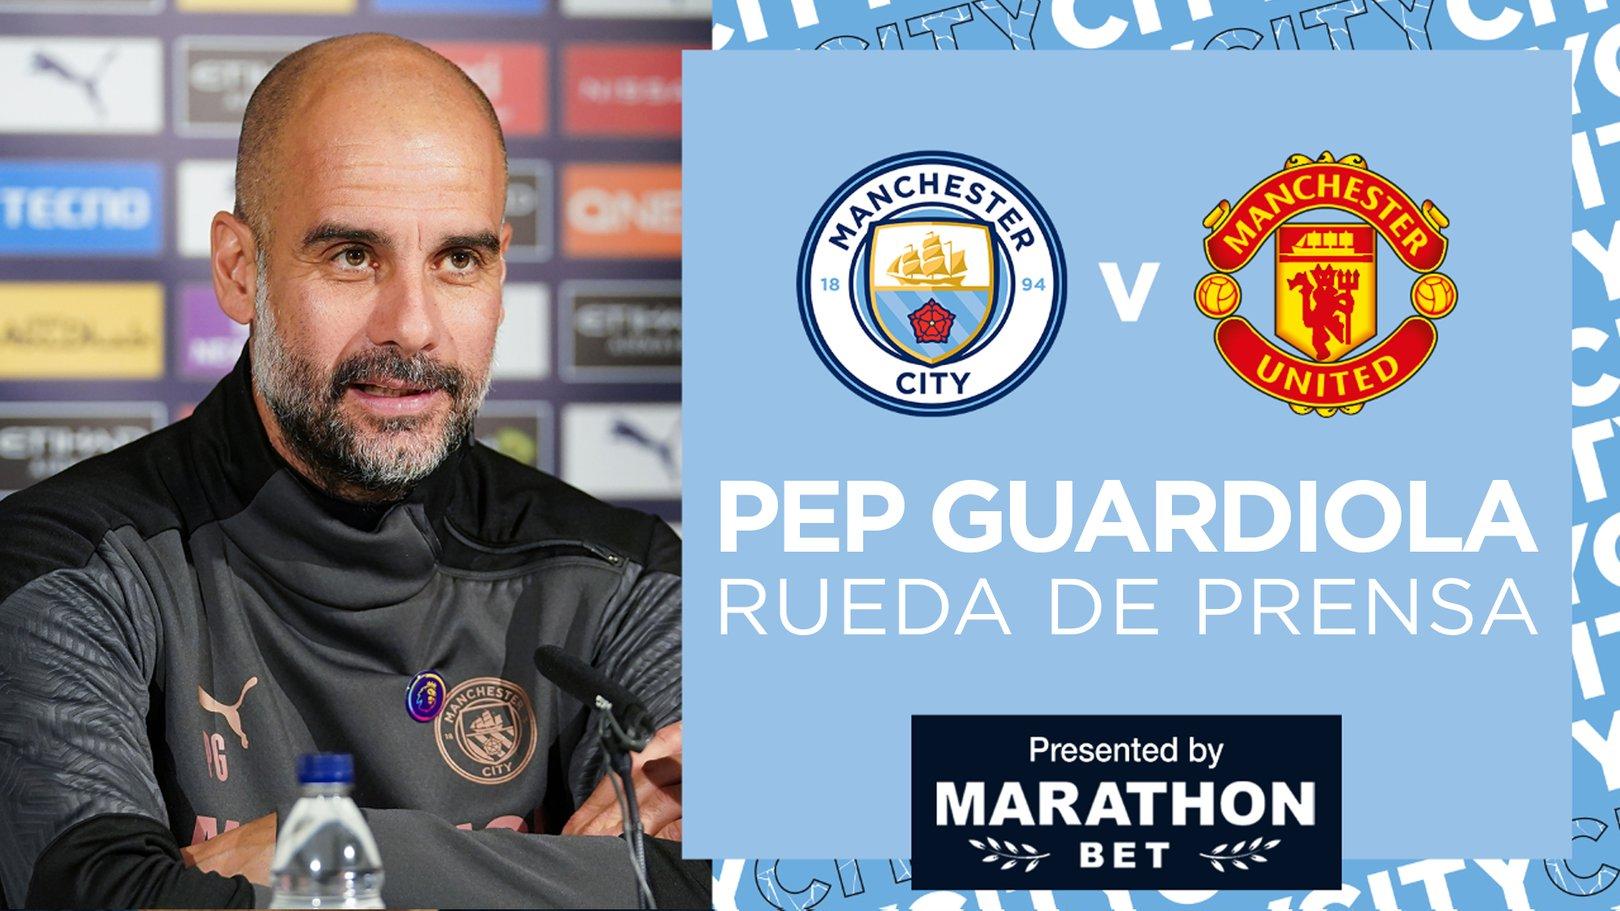 Pep Guardiola advierte de la dificultad del United